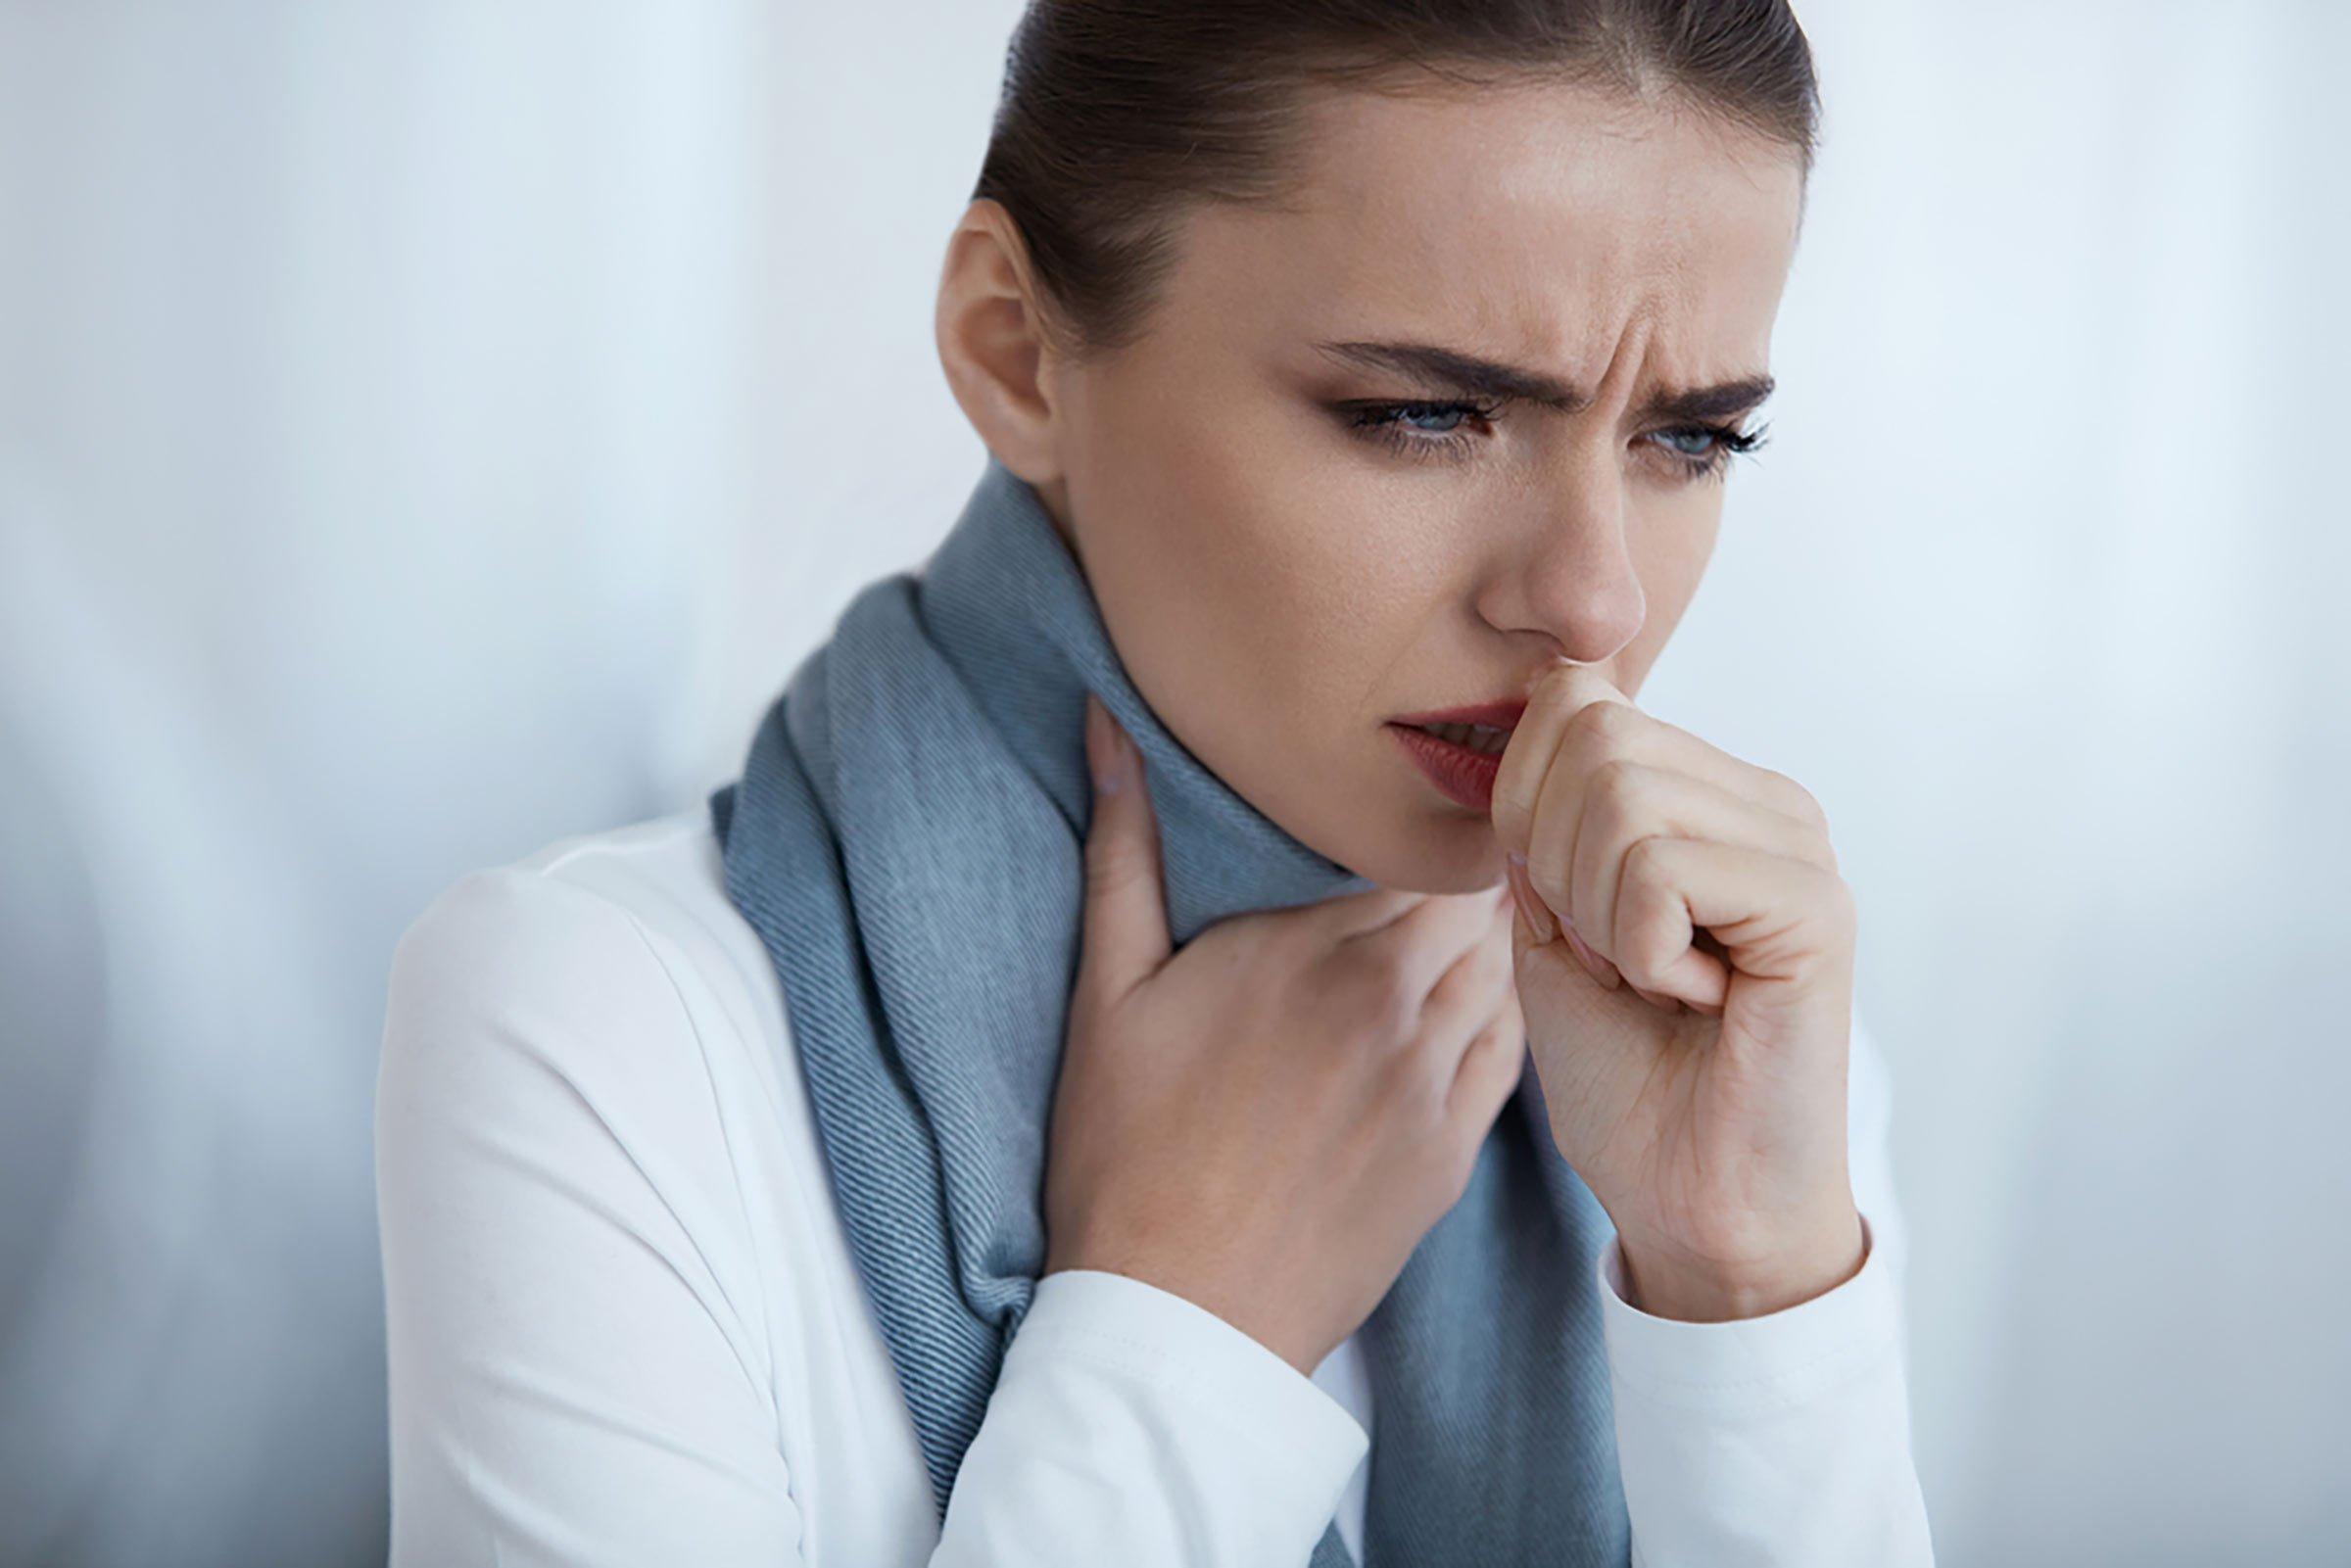 التهاب در ریه، اختلال در تنفس +درمان گیاهی